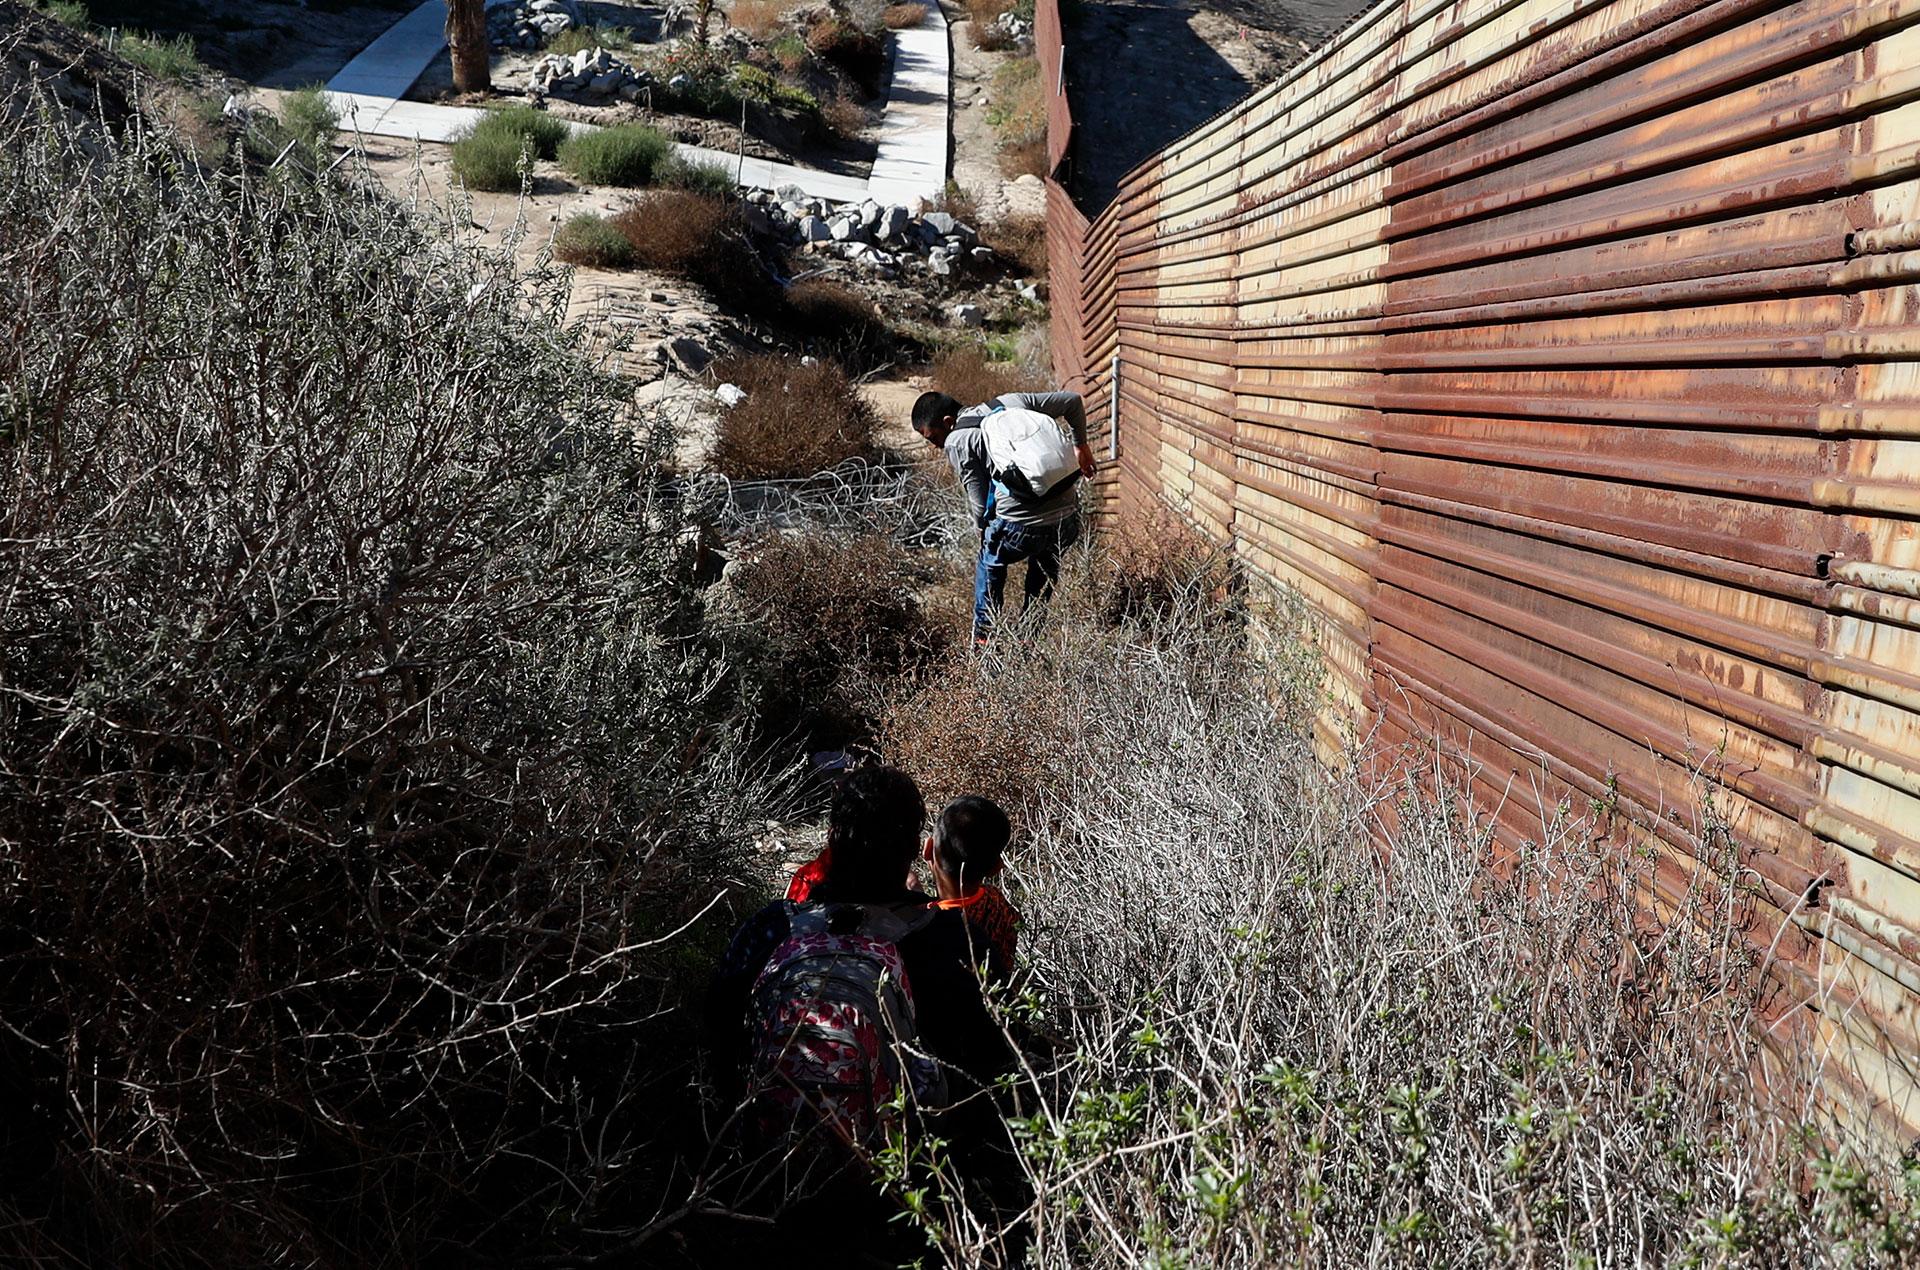 Todos ellos buscaban evitarse la larga espera oficial en el lado mexicano para presentar una solicitud de asilo y prefirieron cruzar el muro y entregarse a los agentes fronterizos estadounidenses